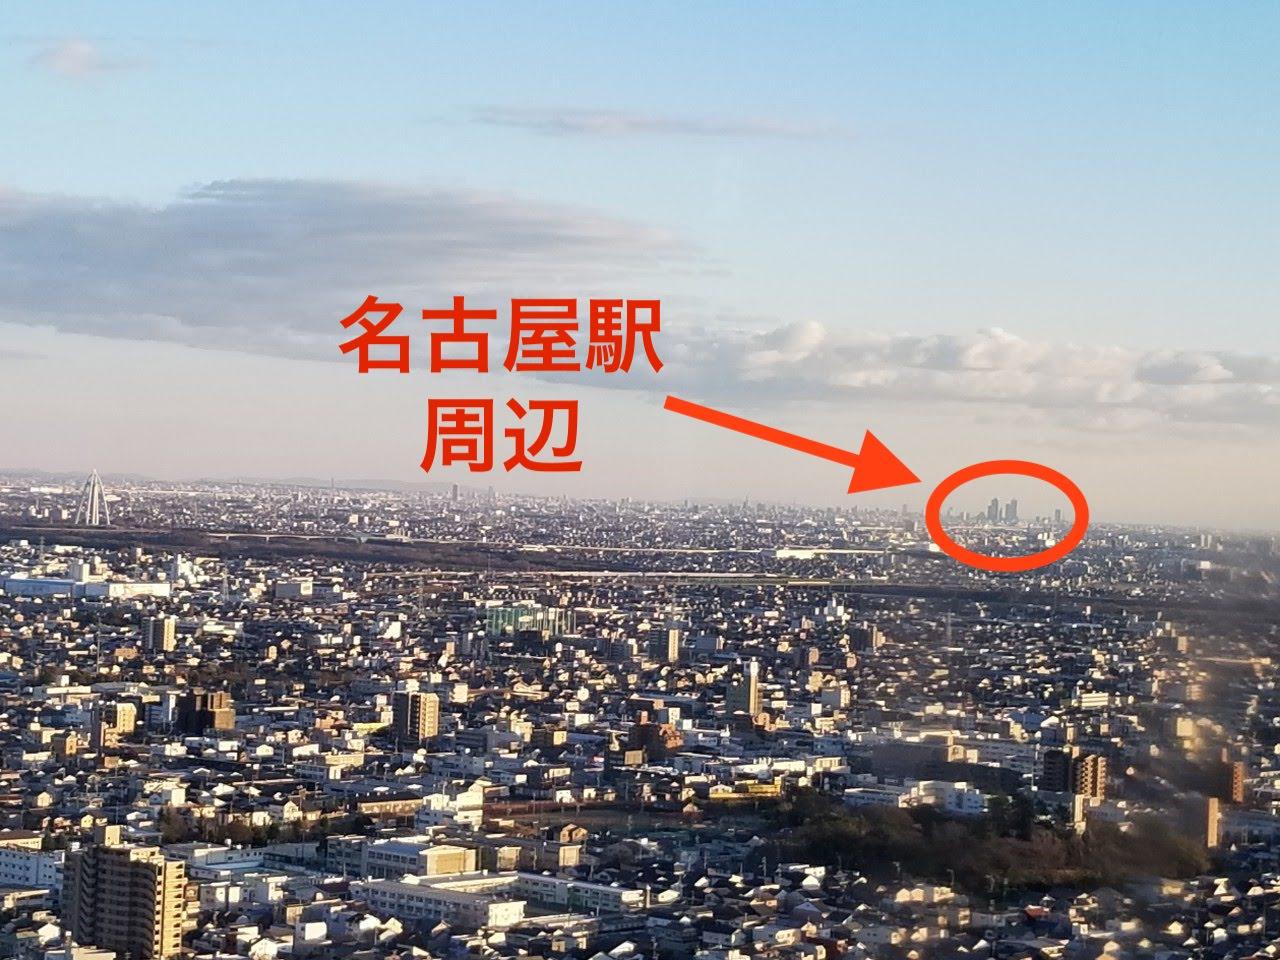 岐阜シティ・タワー43から見た名古屋方面